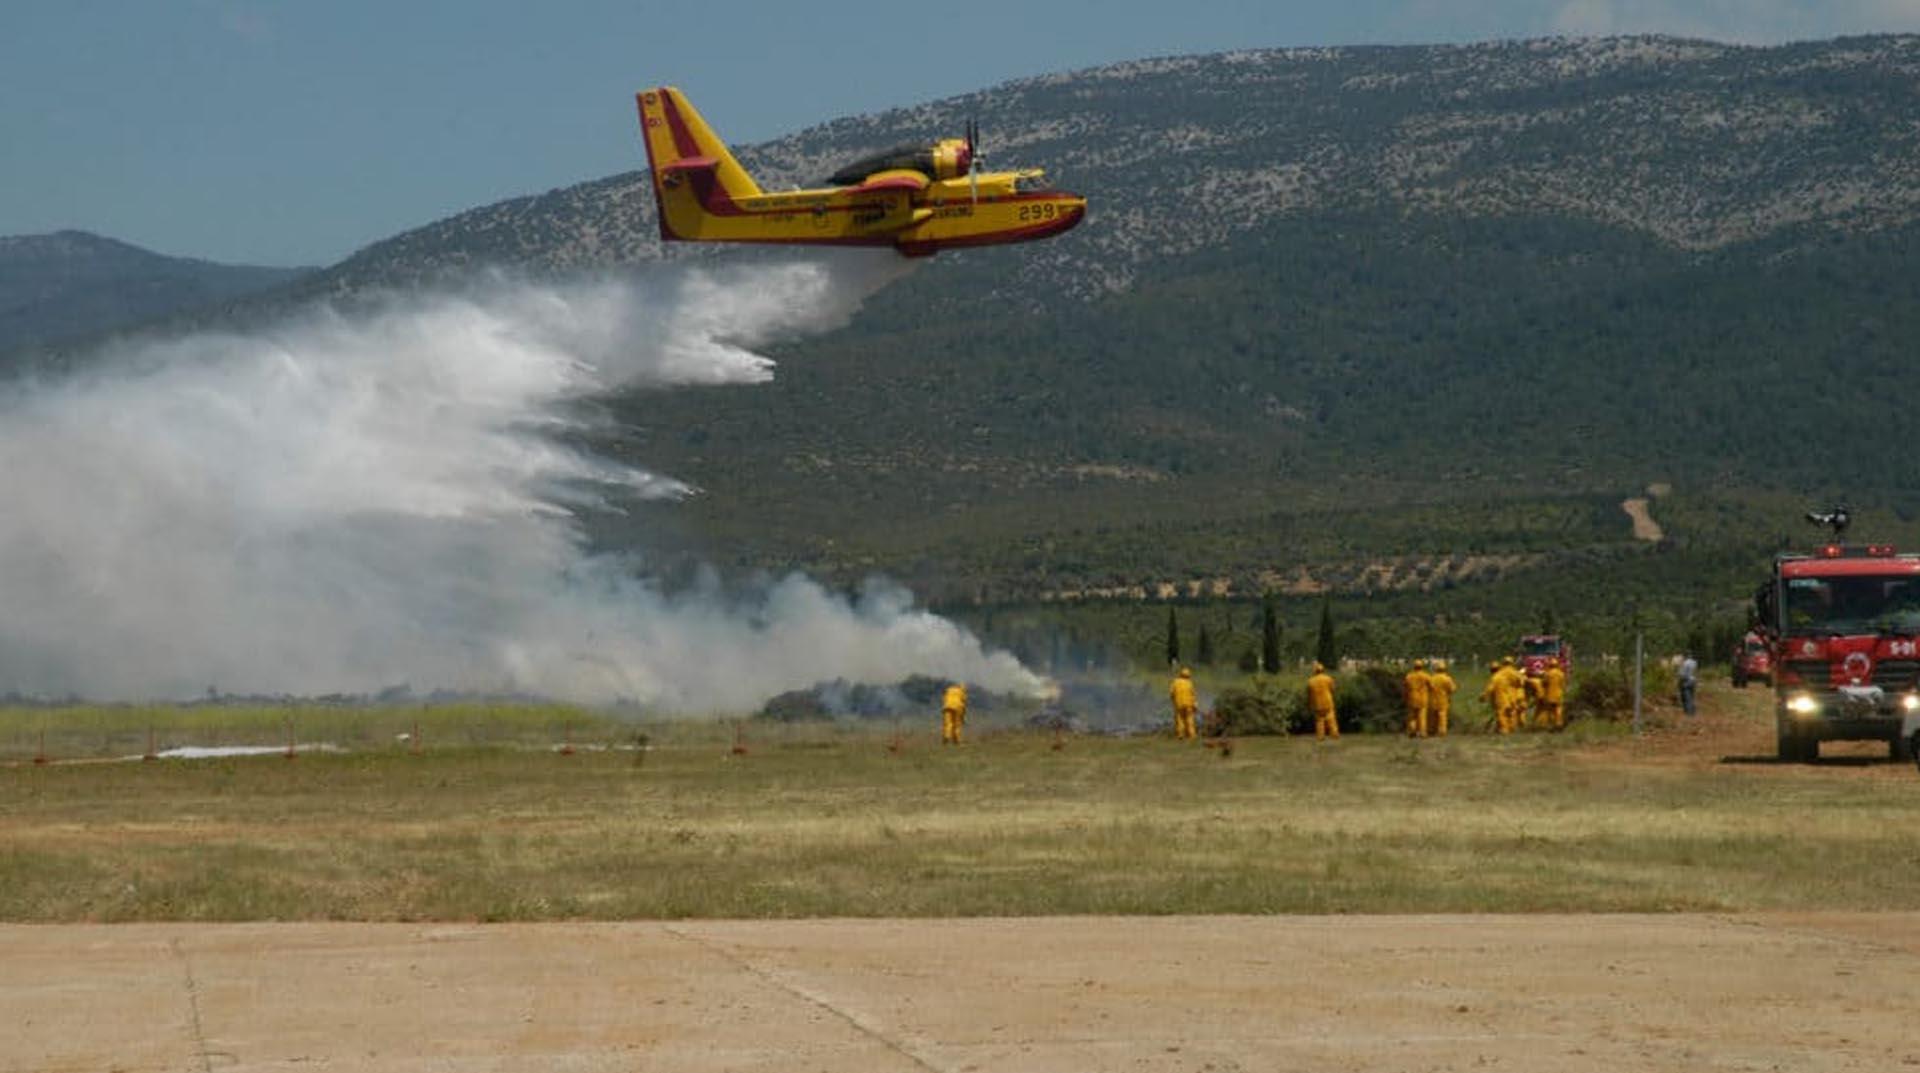 THK yetkilisi: Yangın söndürme uçaklarımız arızalı değil, askeri uçakları tamir ediyoruz